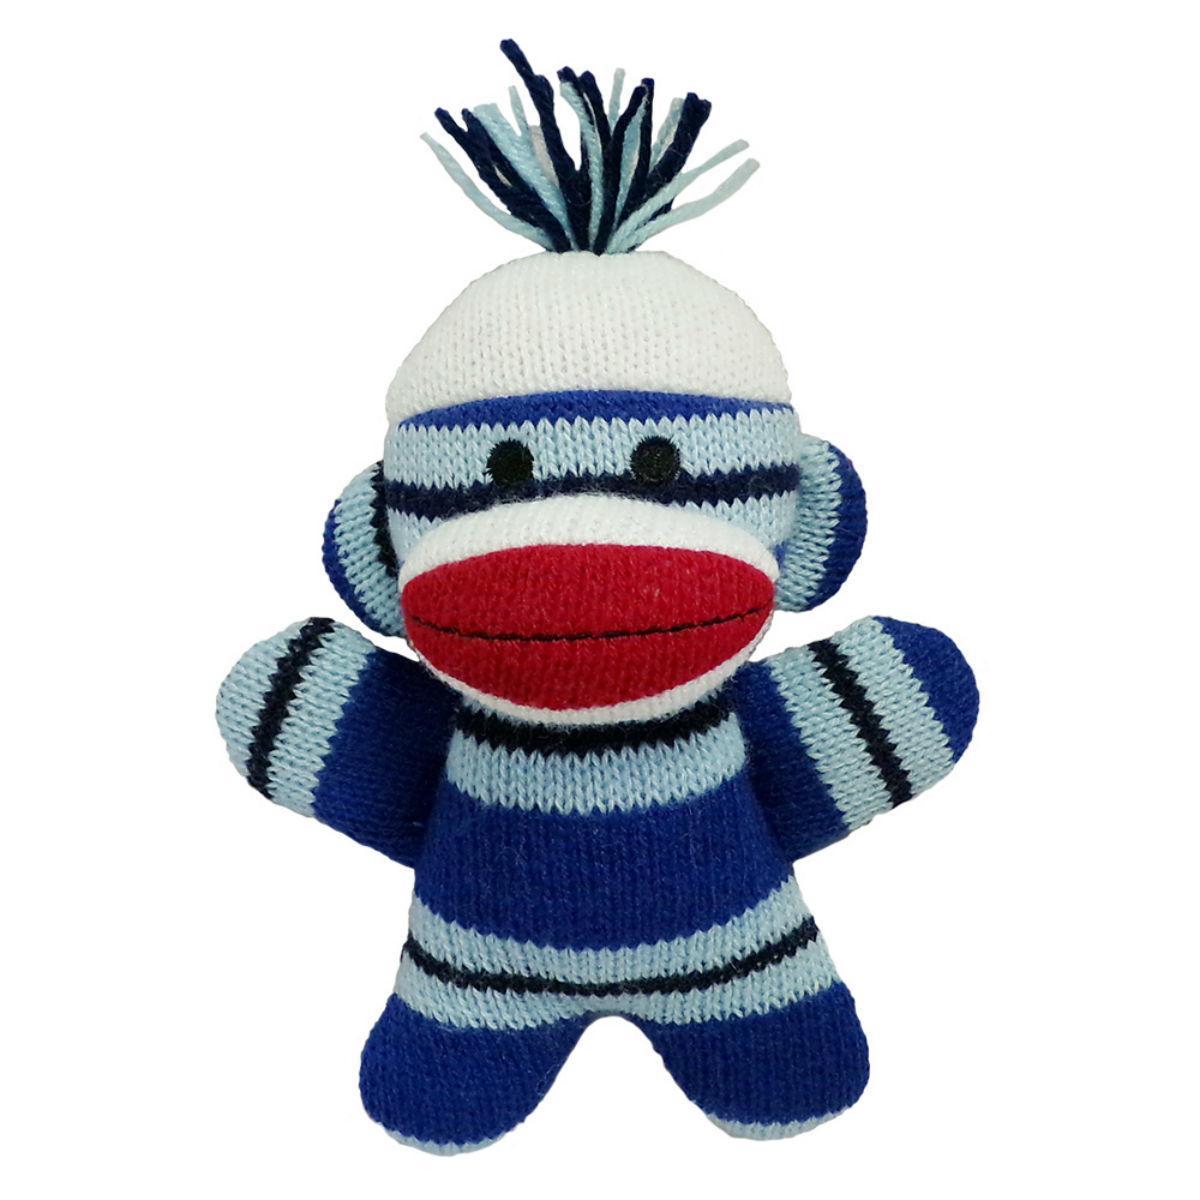 Lulubelles Power Plush Dog Toy - Sock Monkey Baby Mikey